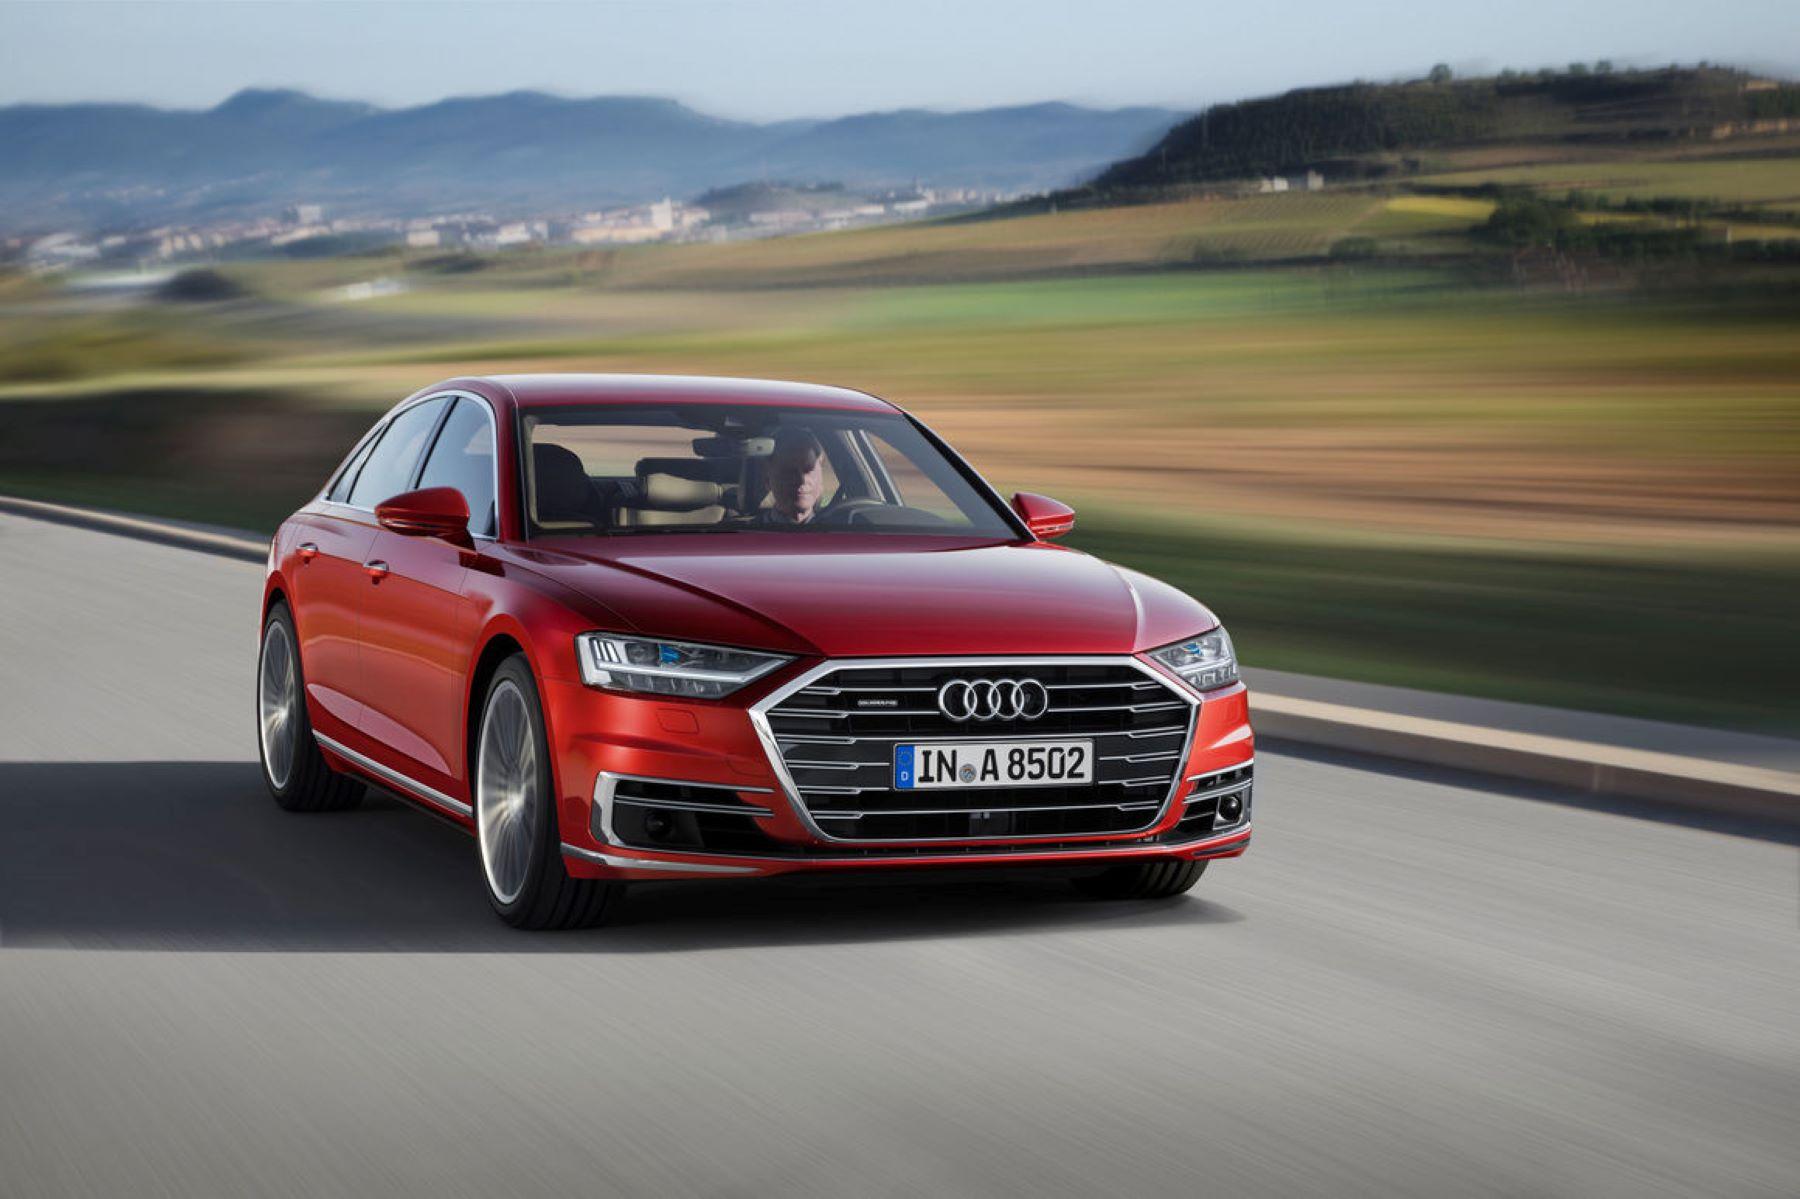 The 2021 Audi A8 sedan model in red